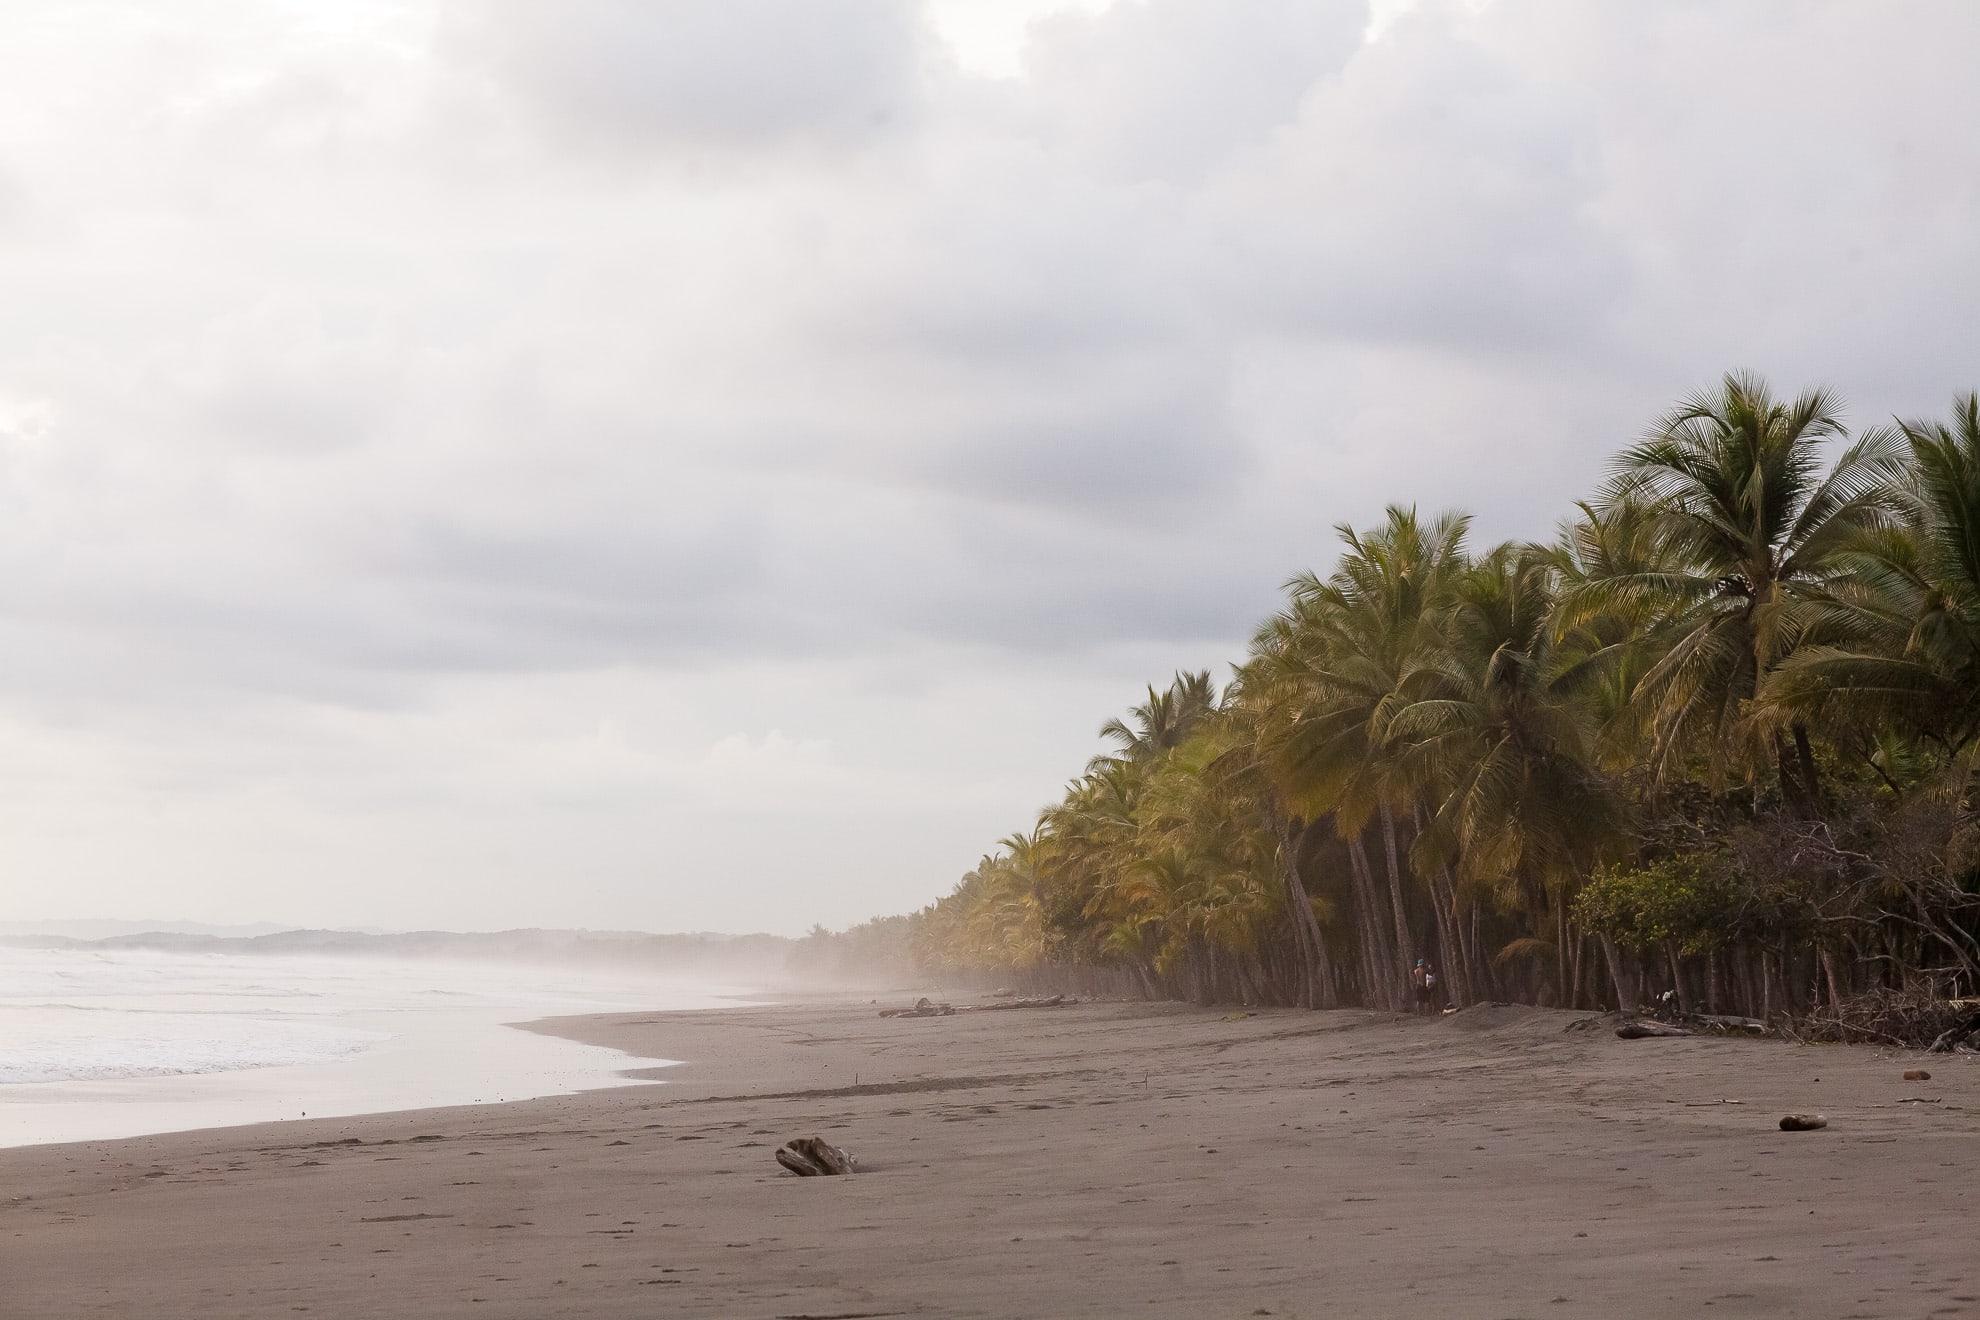 Playa Linda, Costa Rica